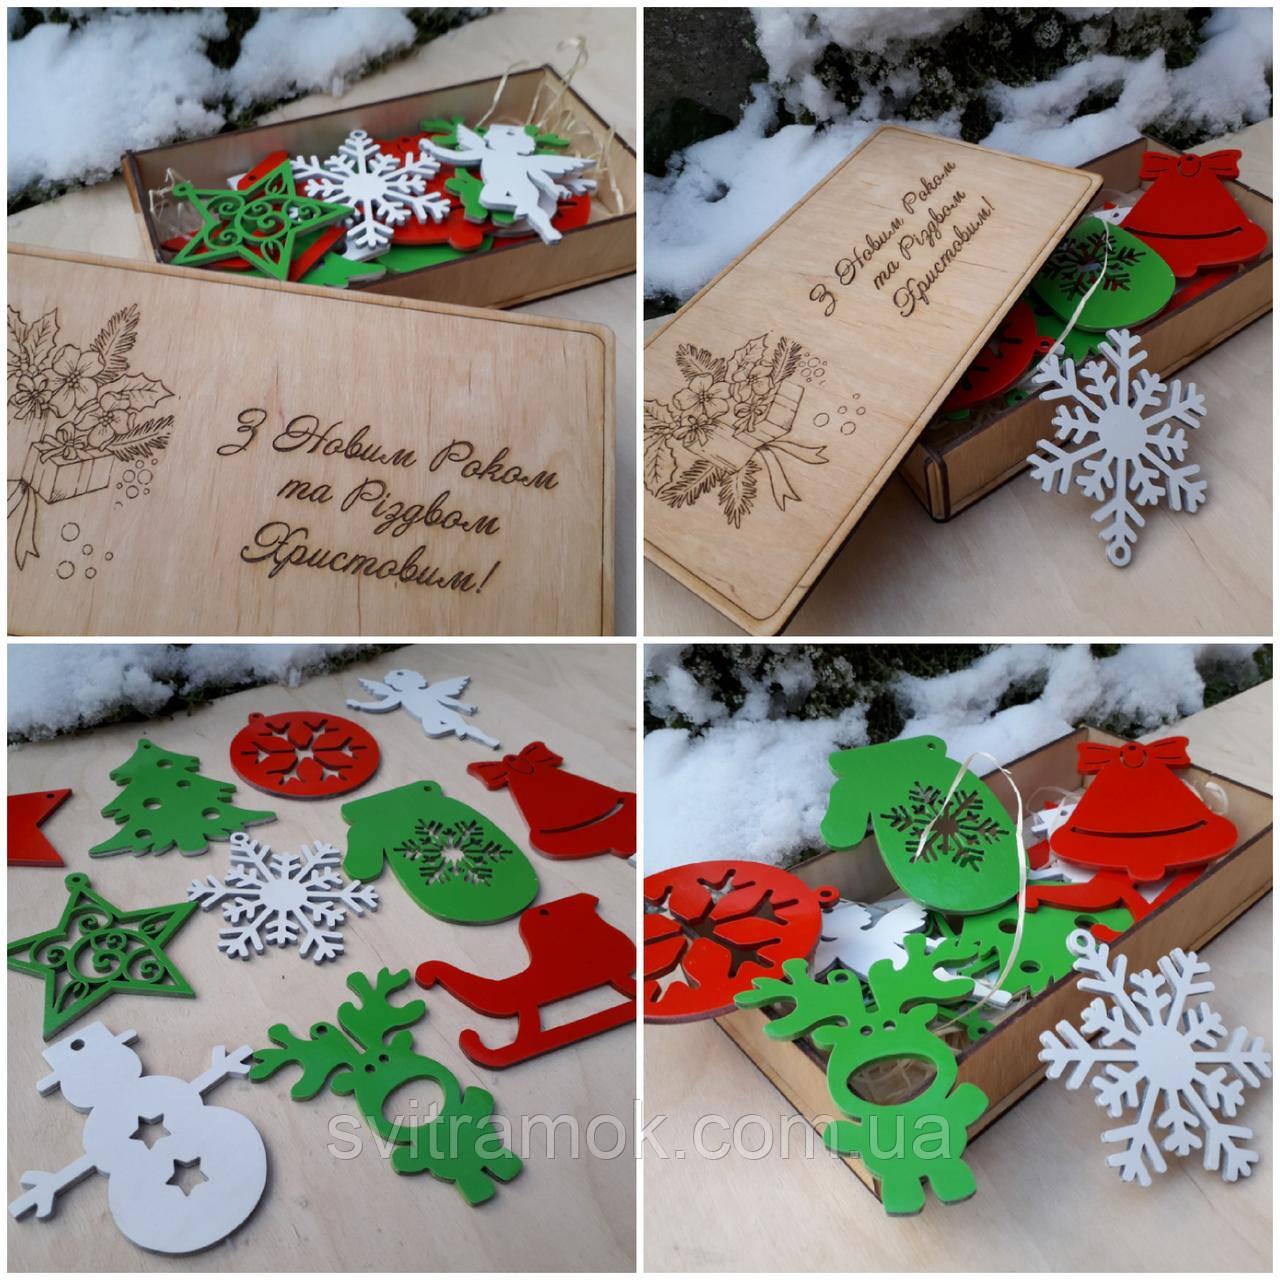 Набір новорічних дерев'яних іграшок в подарунковій коробці